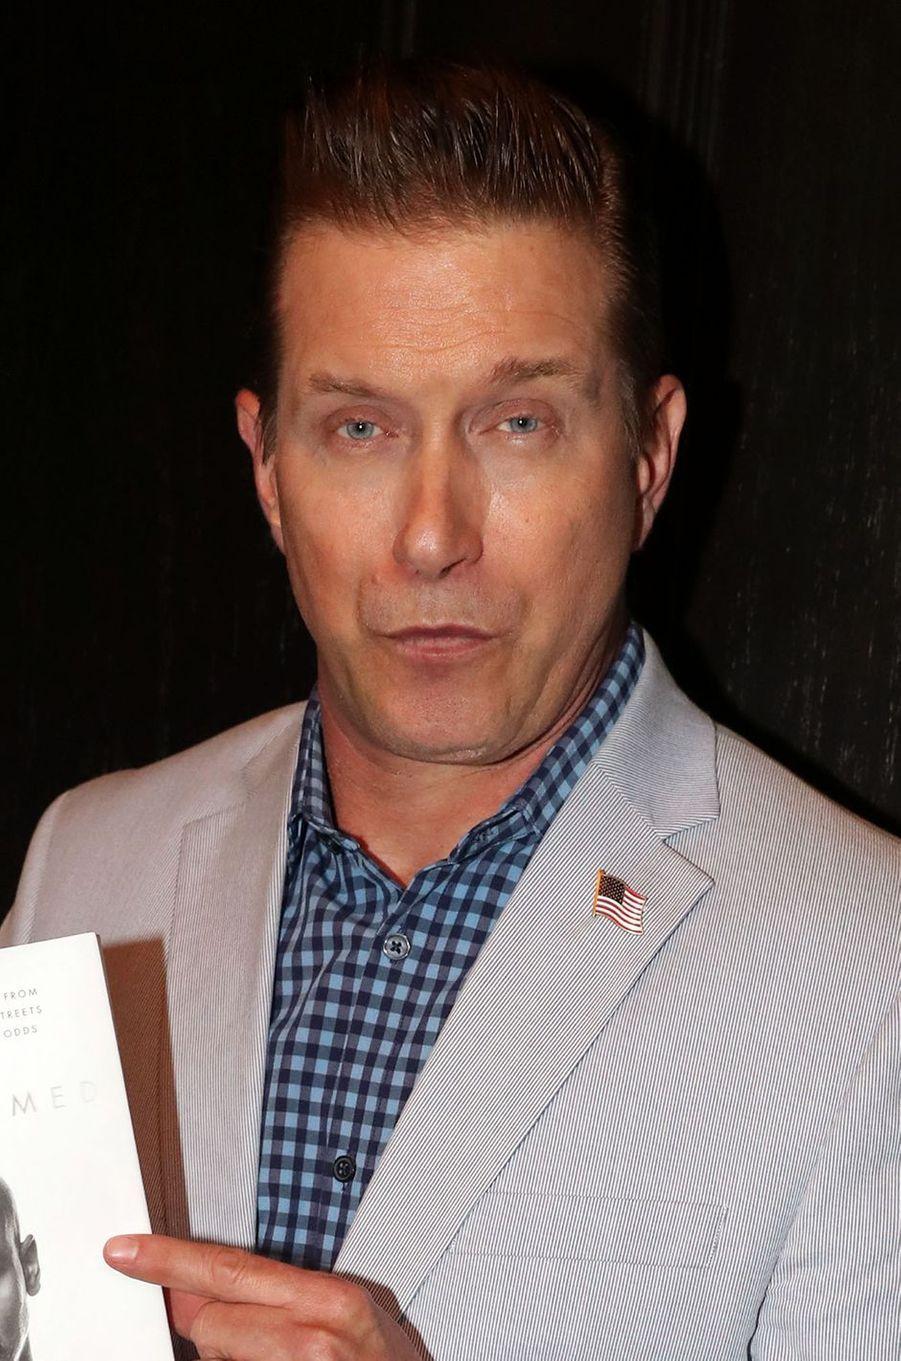 Stephen Baldwinest un fidèle partisan de longue date de Donald Trump et s'est déjà prononcé contre les célèbres imitations de son frère aîné Alec Baldwin, qui incarne le président dans l'émission à sketchs «Saturday Night Live».